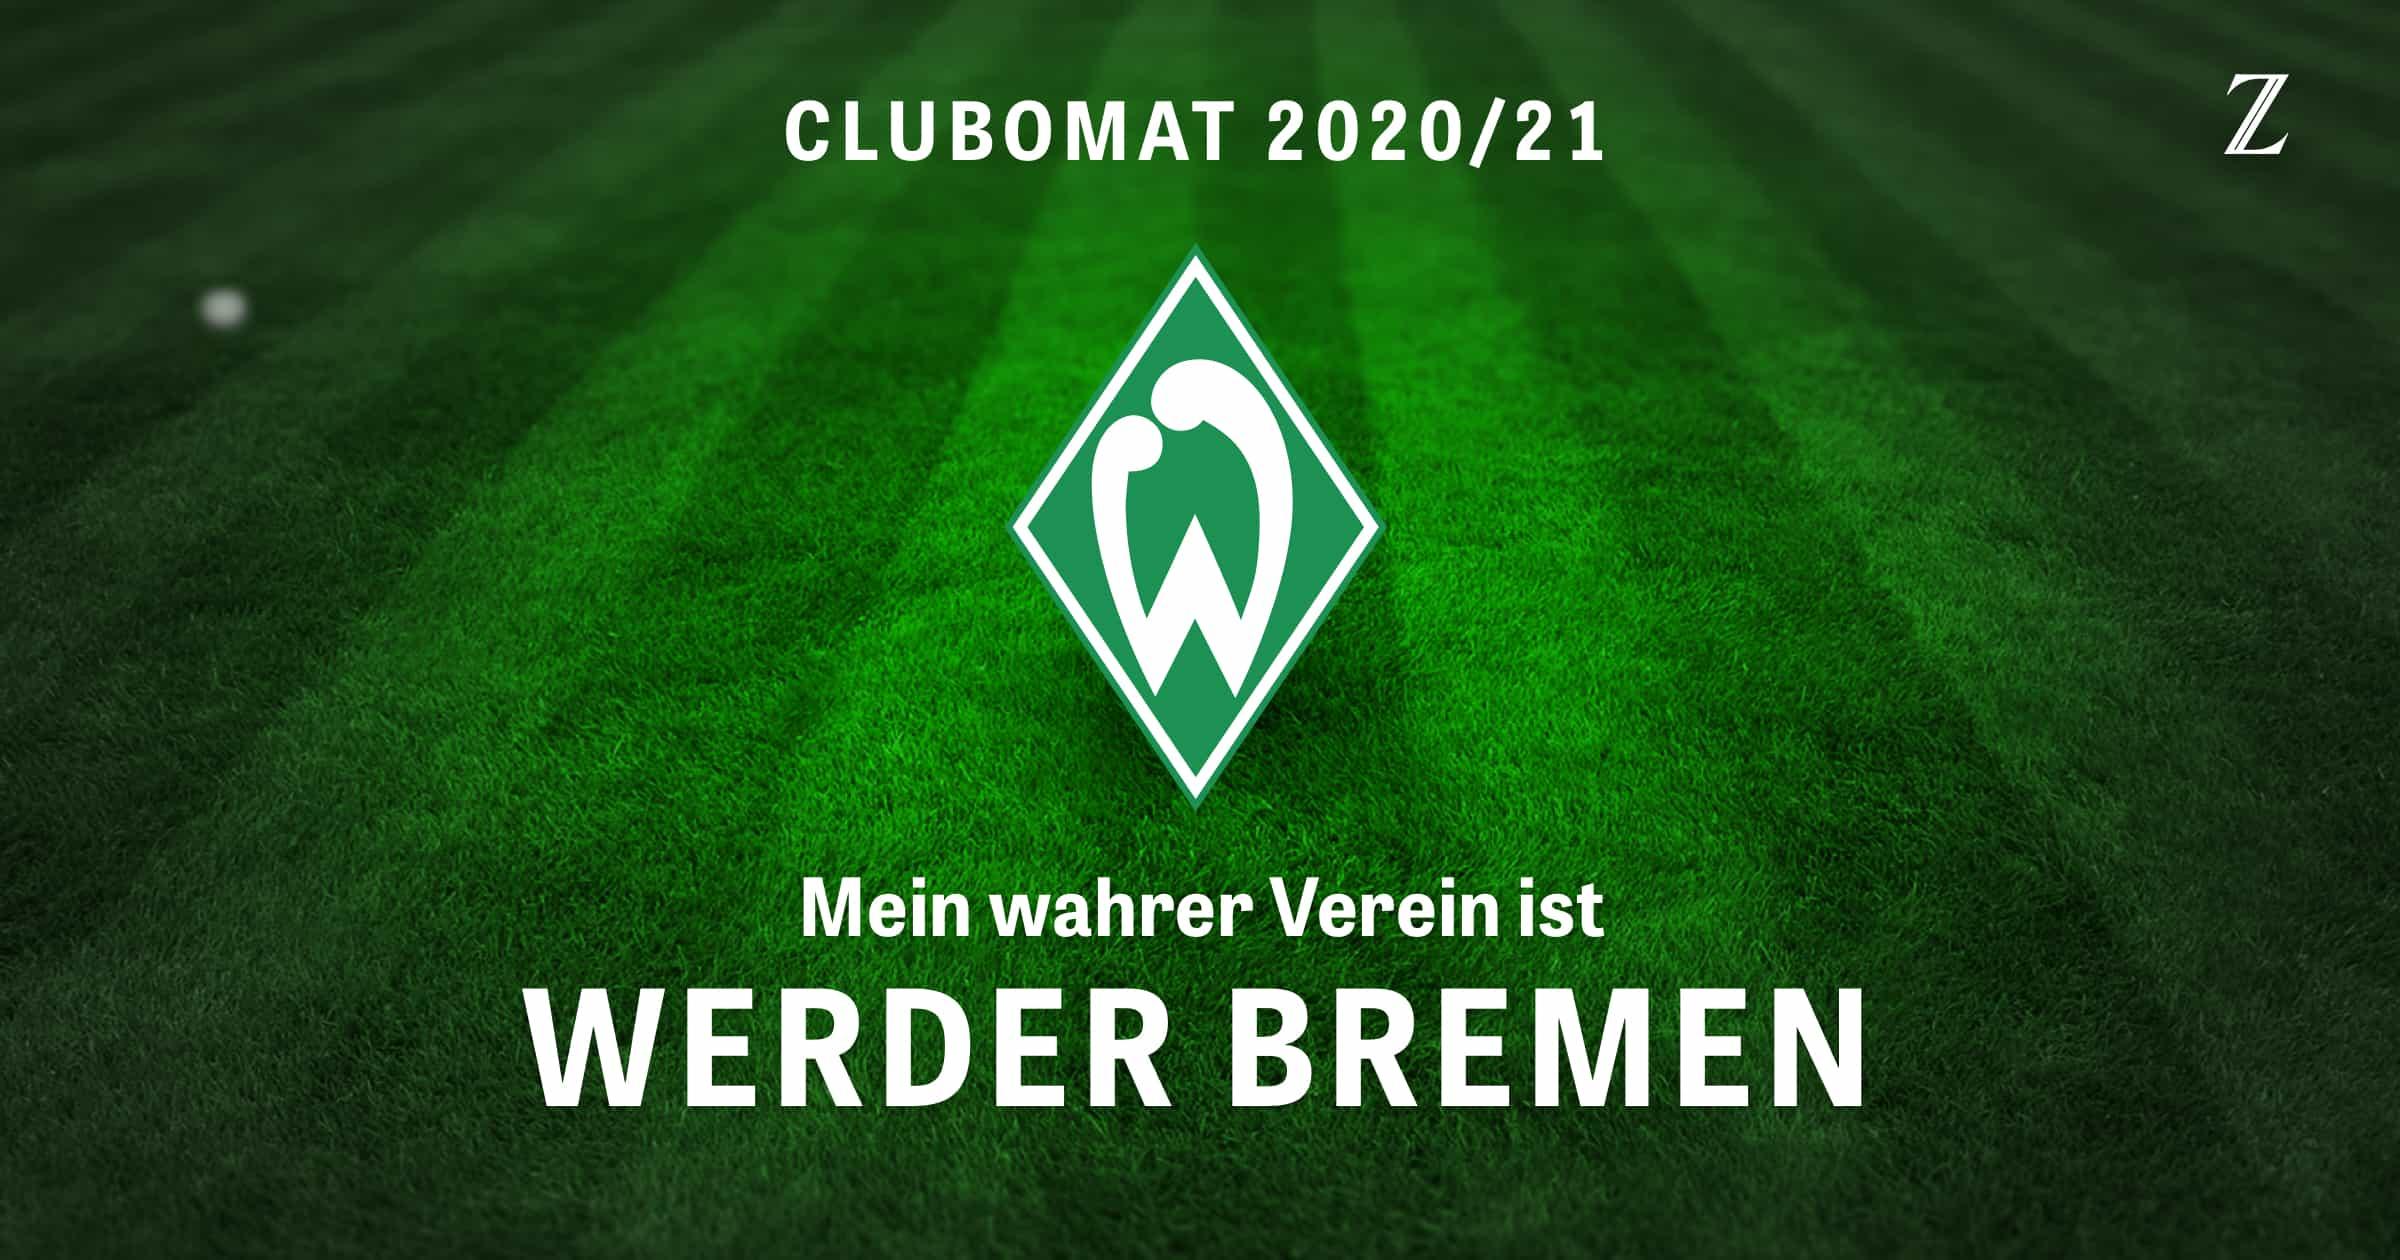 Club-O-Mat: Mein wahrer Verein ist Werder Bremen